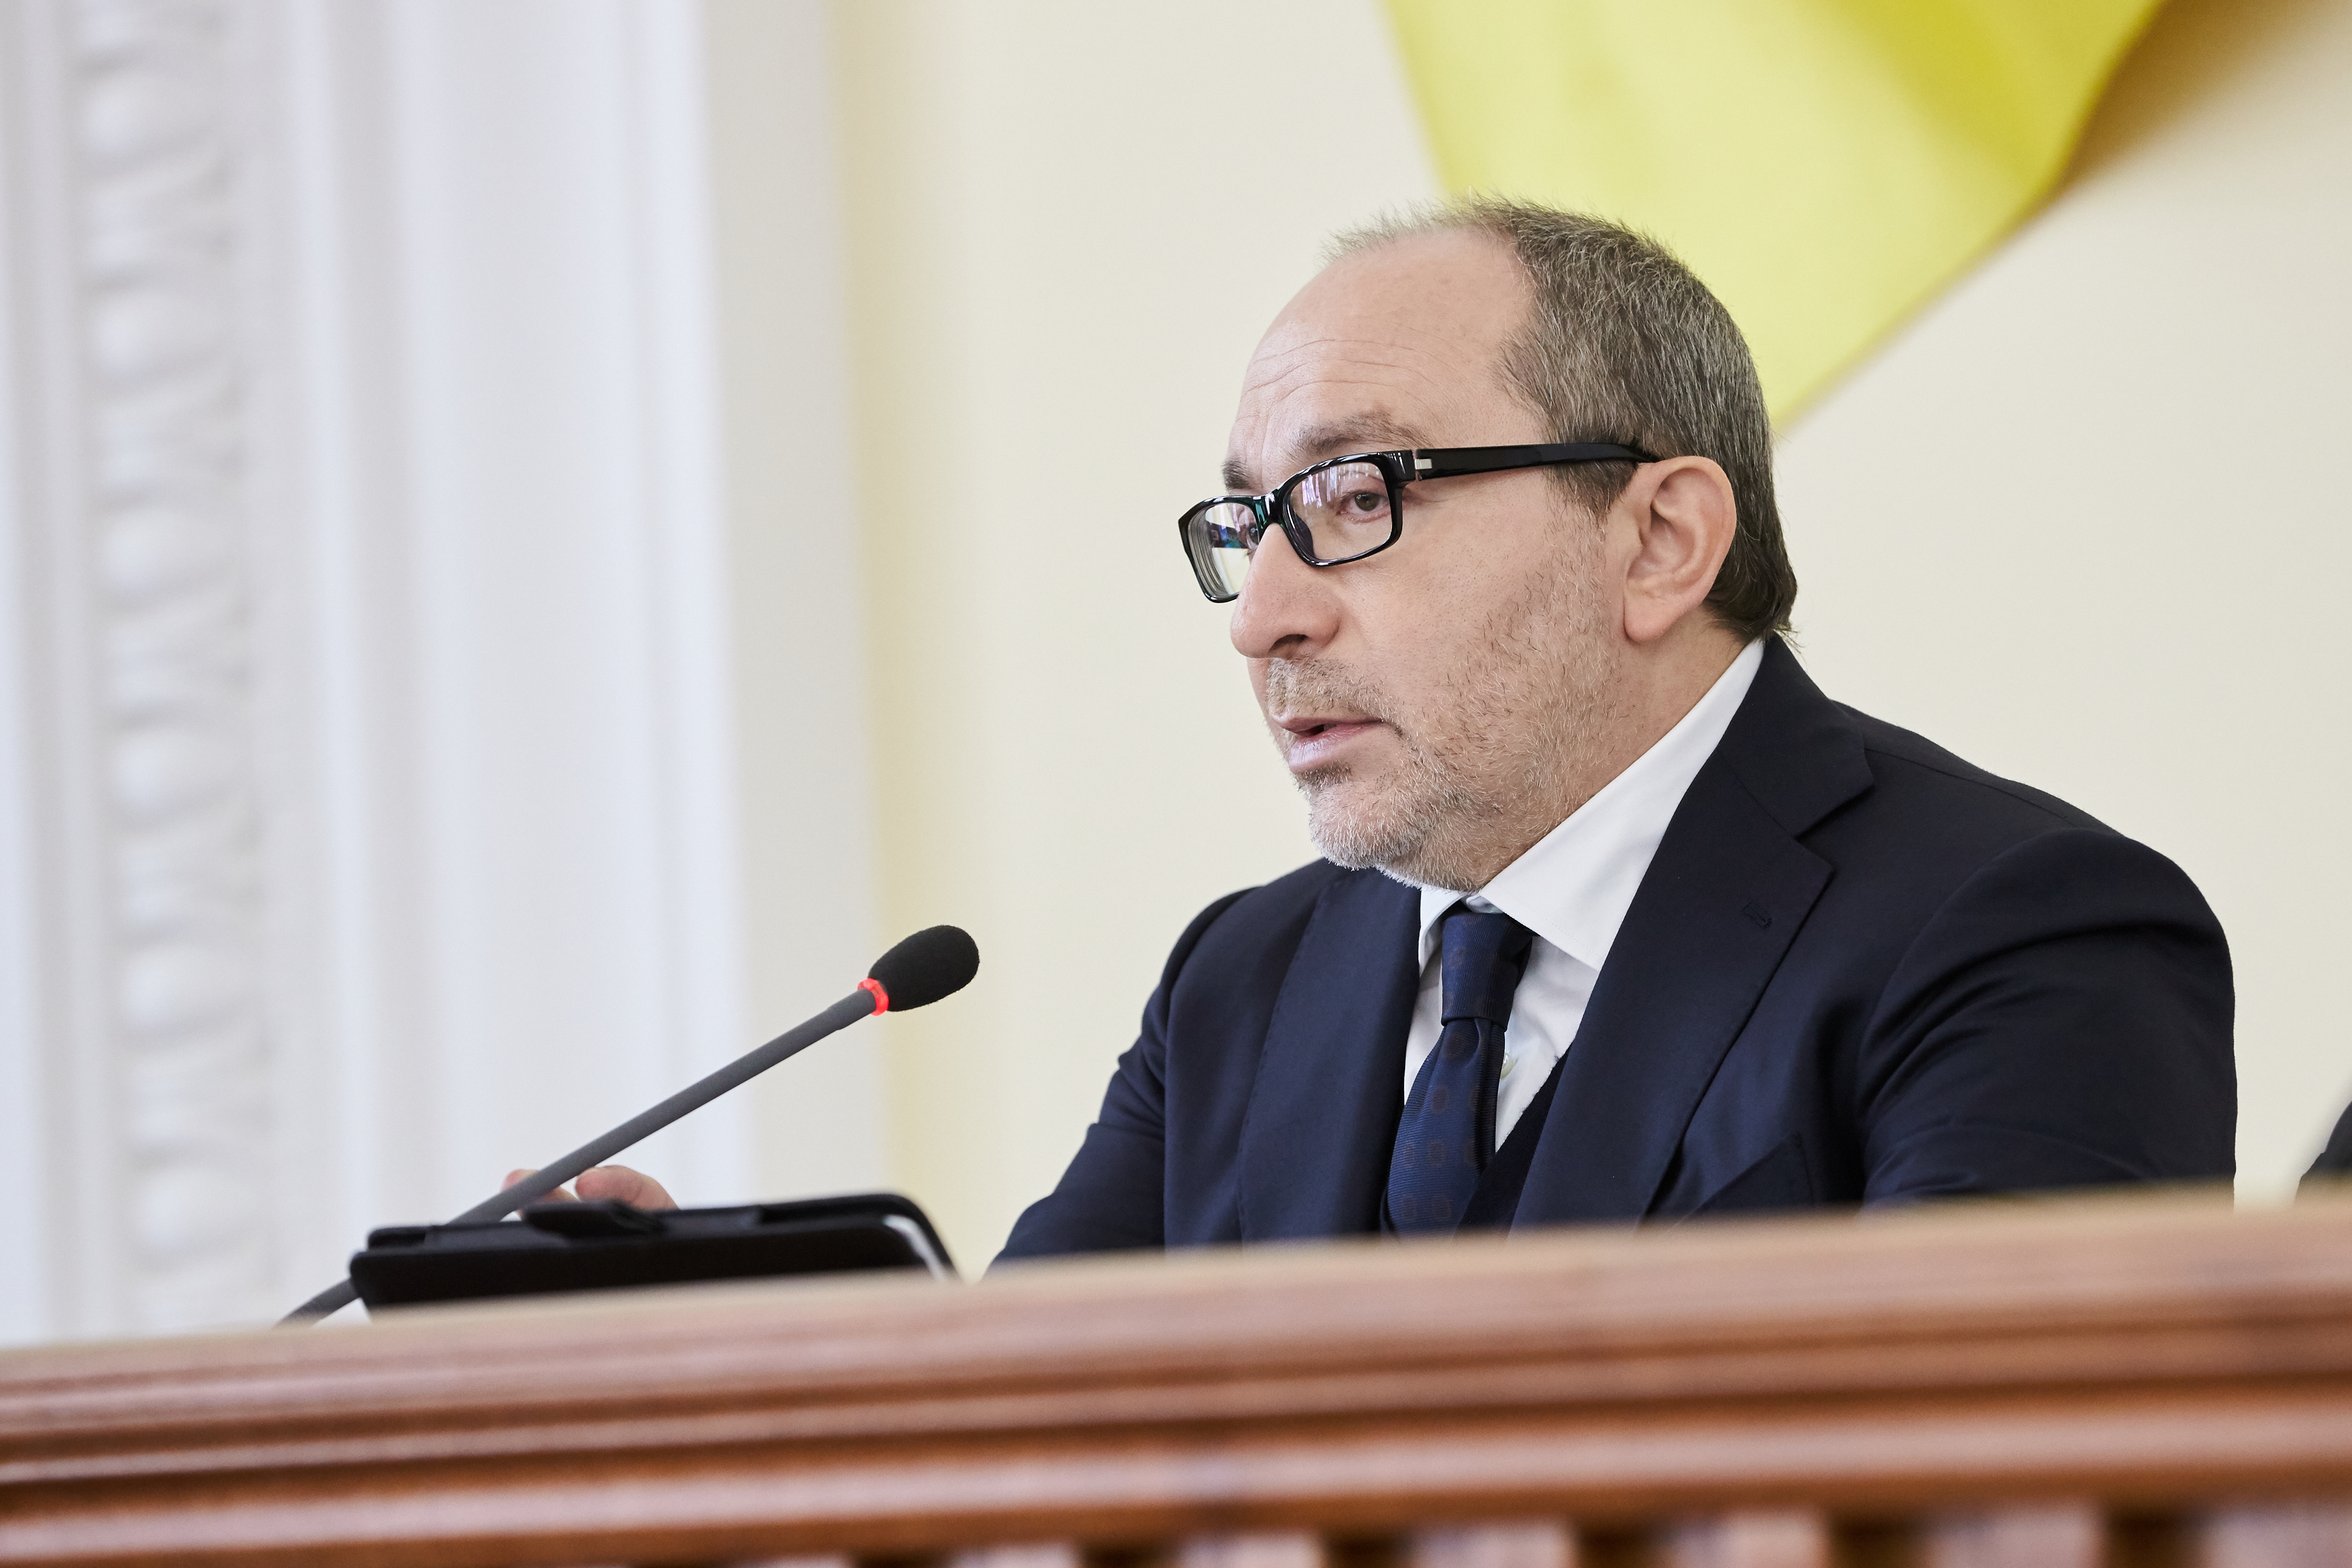 Затверджено звіт про діяльність виконавчих органів у 2018 році